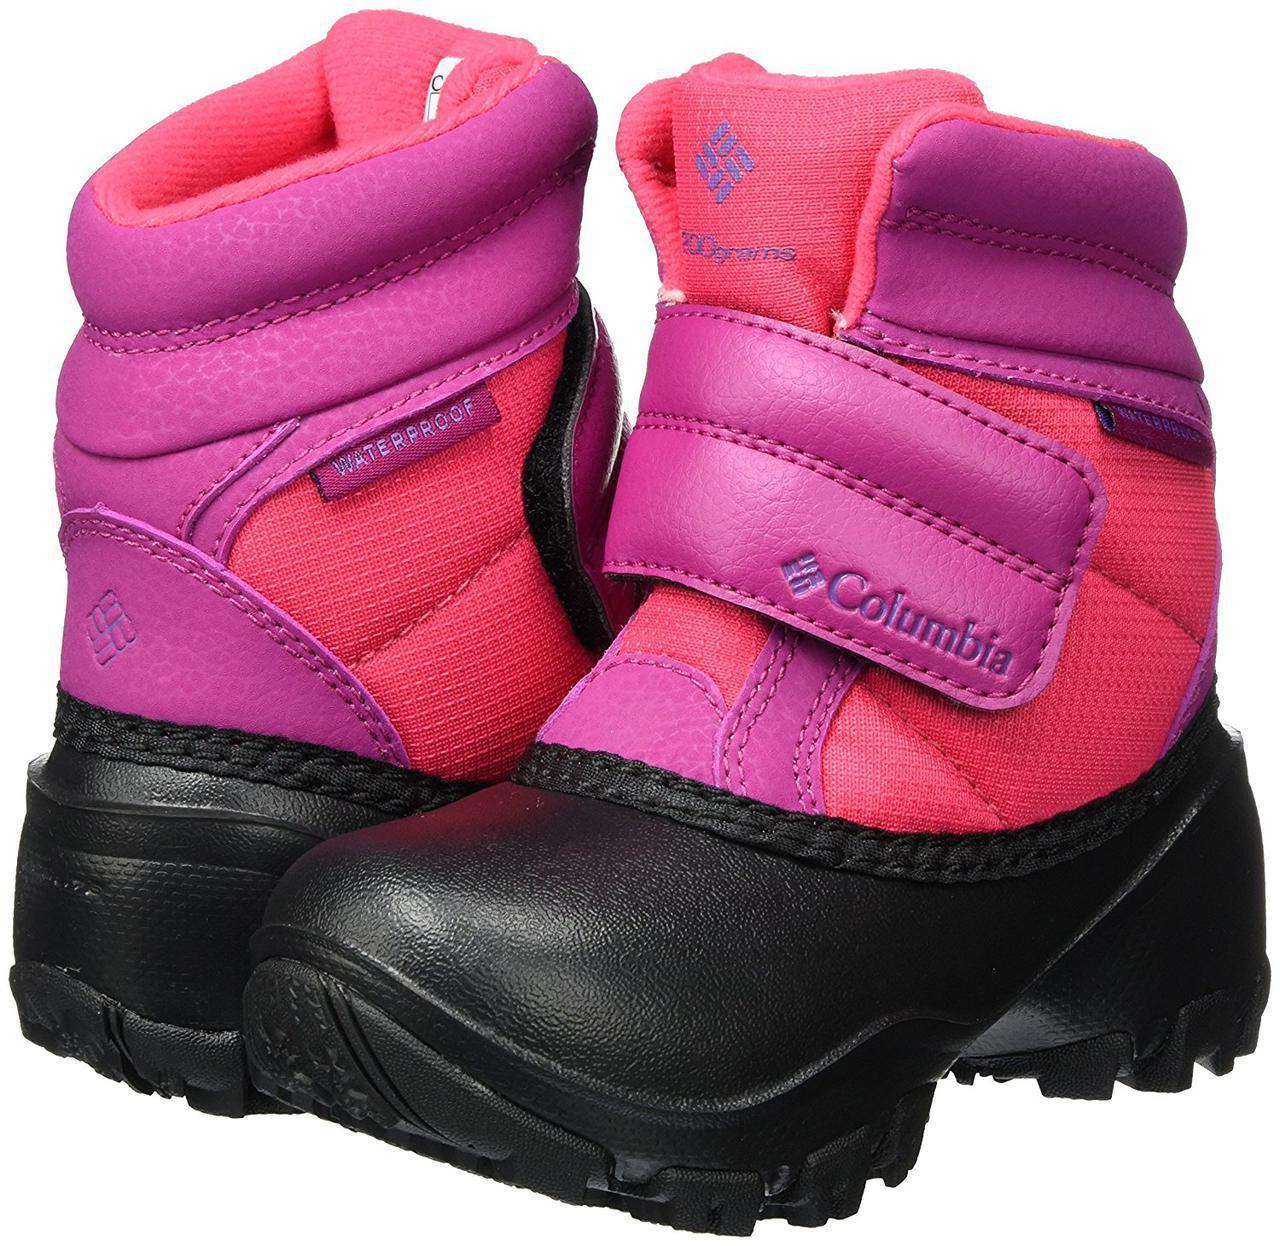 Ботинки зимние для девочки Columbia Kids Rope Tow Kruser сапоги непромокаемые